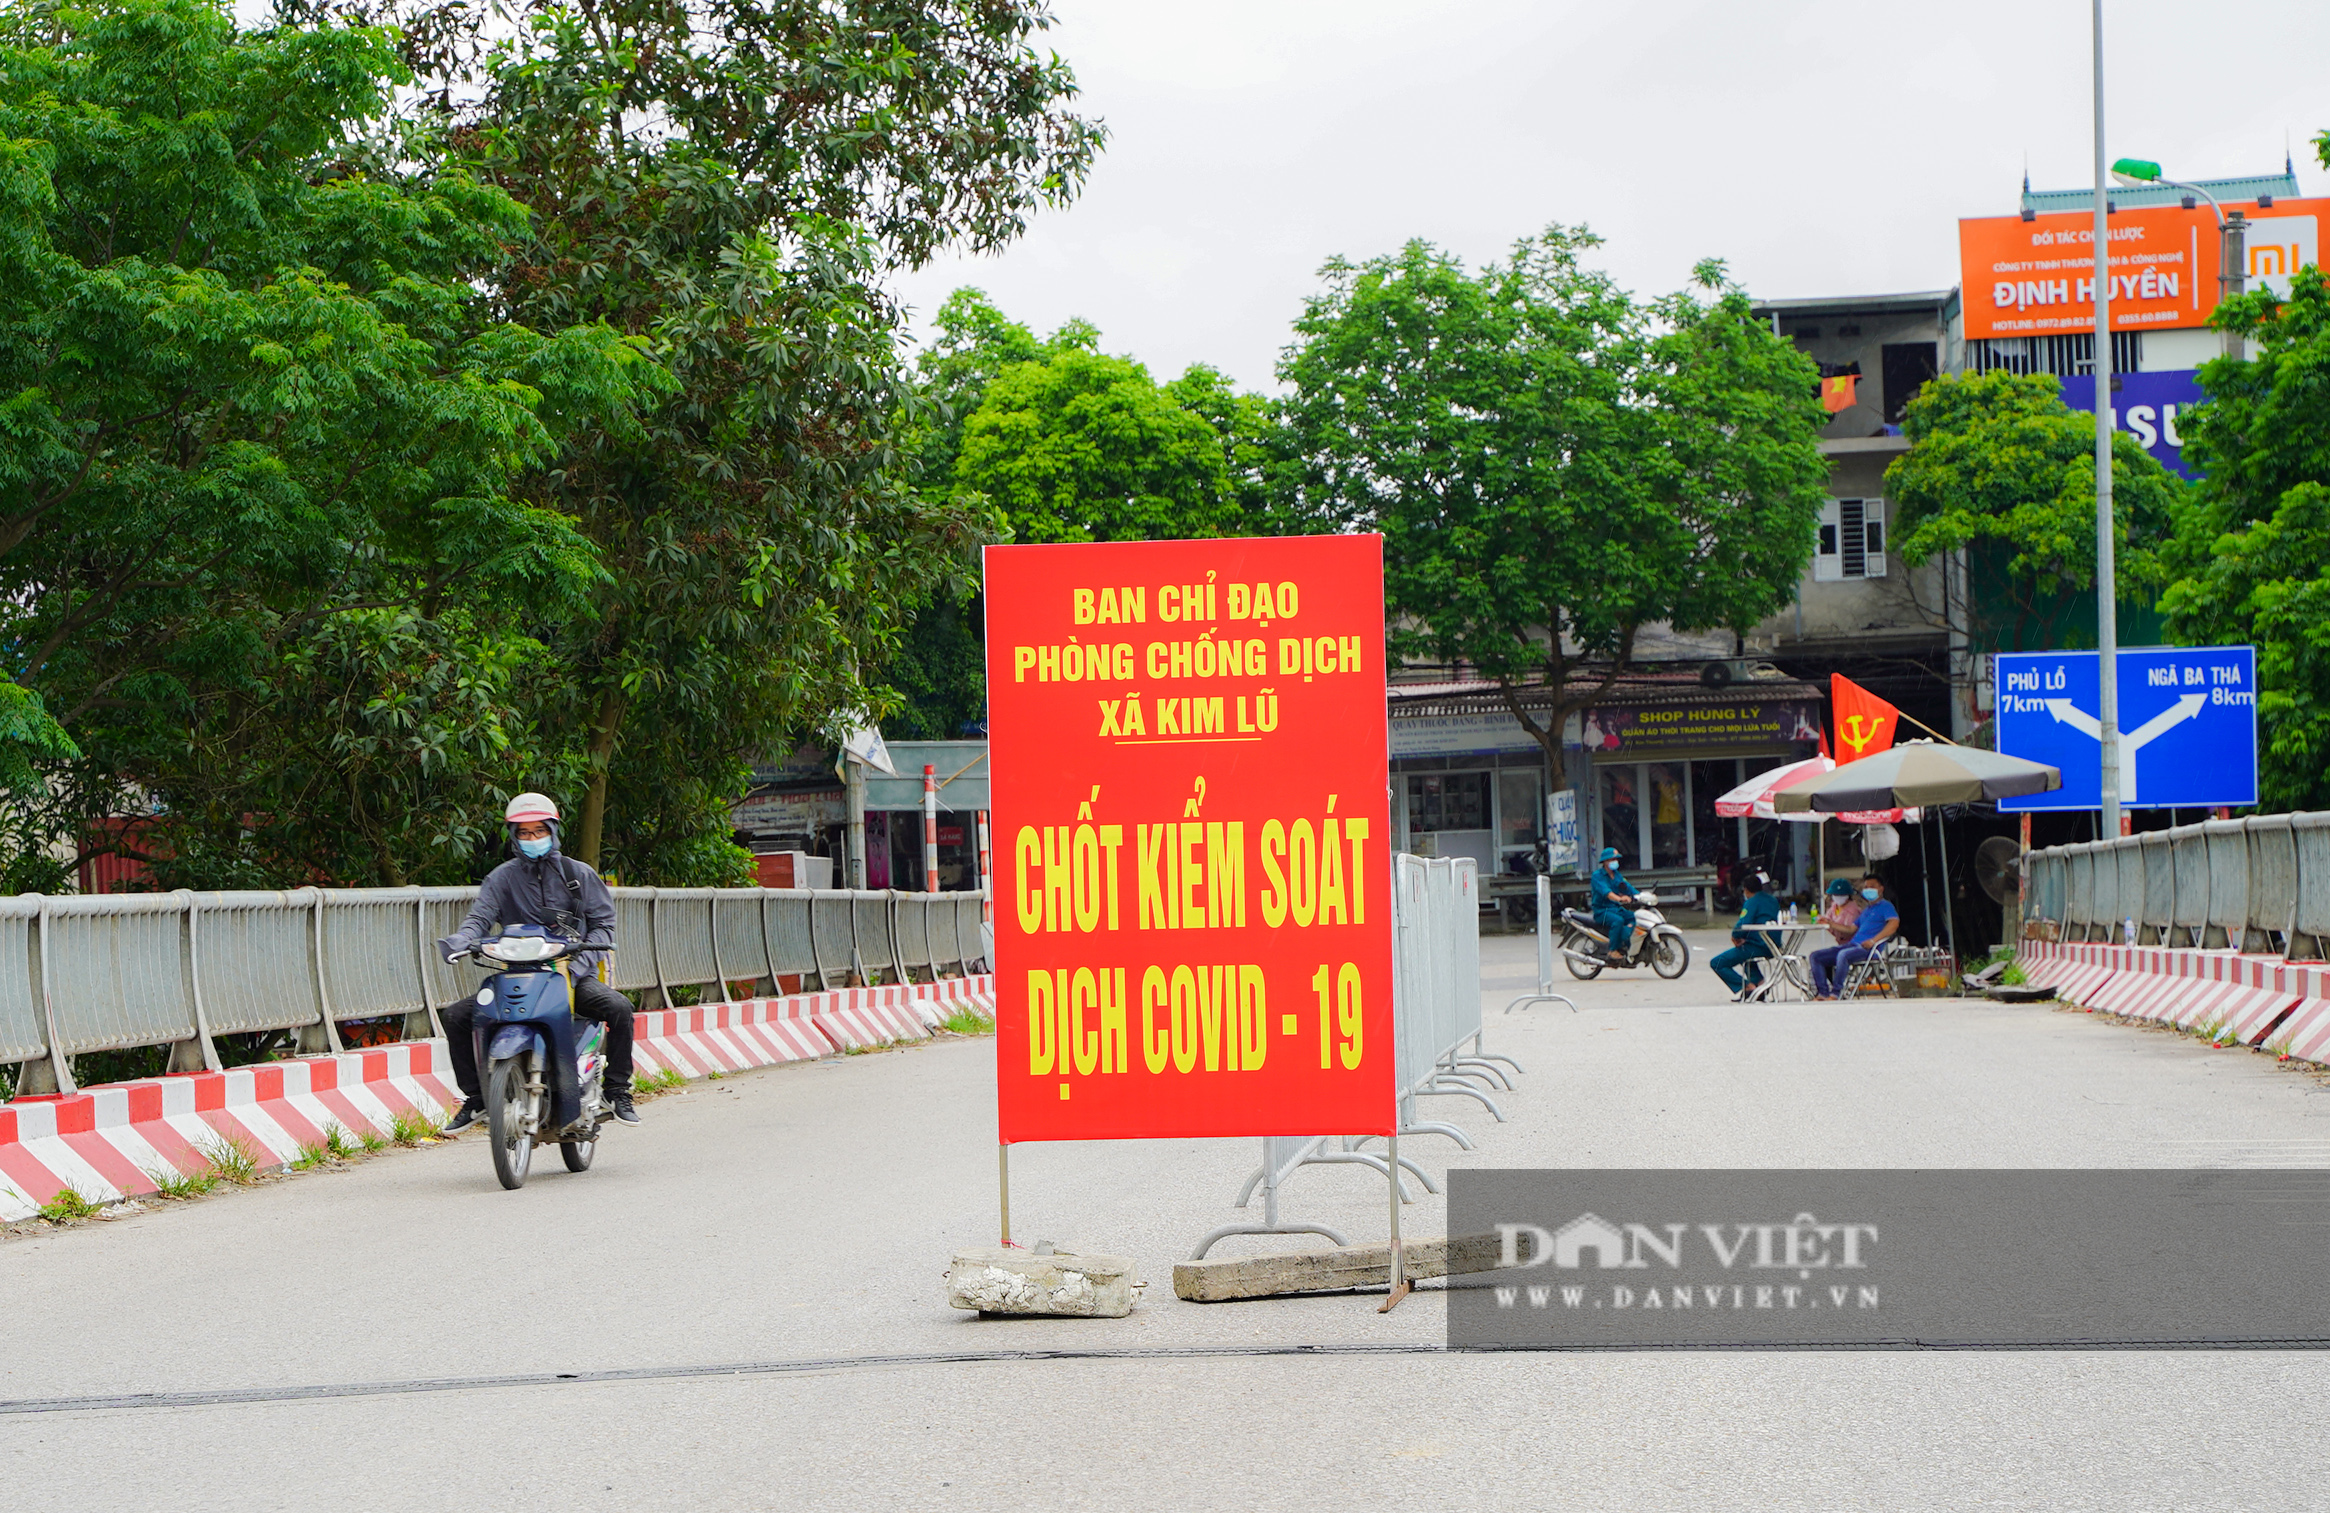 Hà Nội: Đổ đất, dựng rào phòng dịch tại các nơi tiếp giáp Bắc Giang, Bắc Ninh - Ảnh 2.